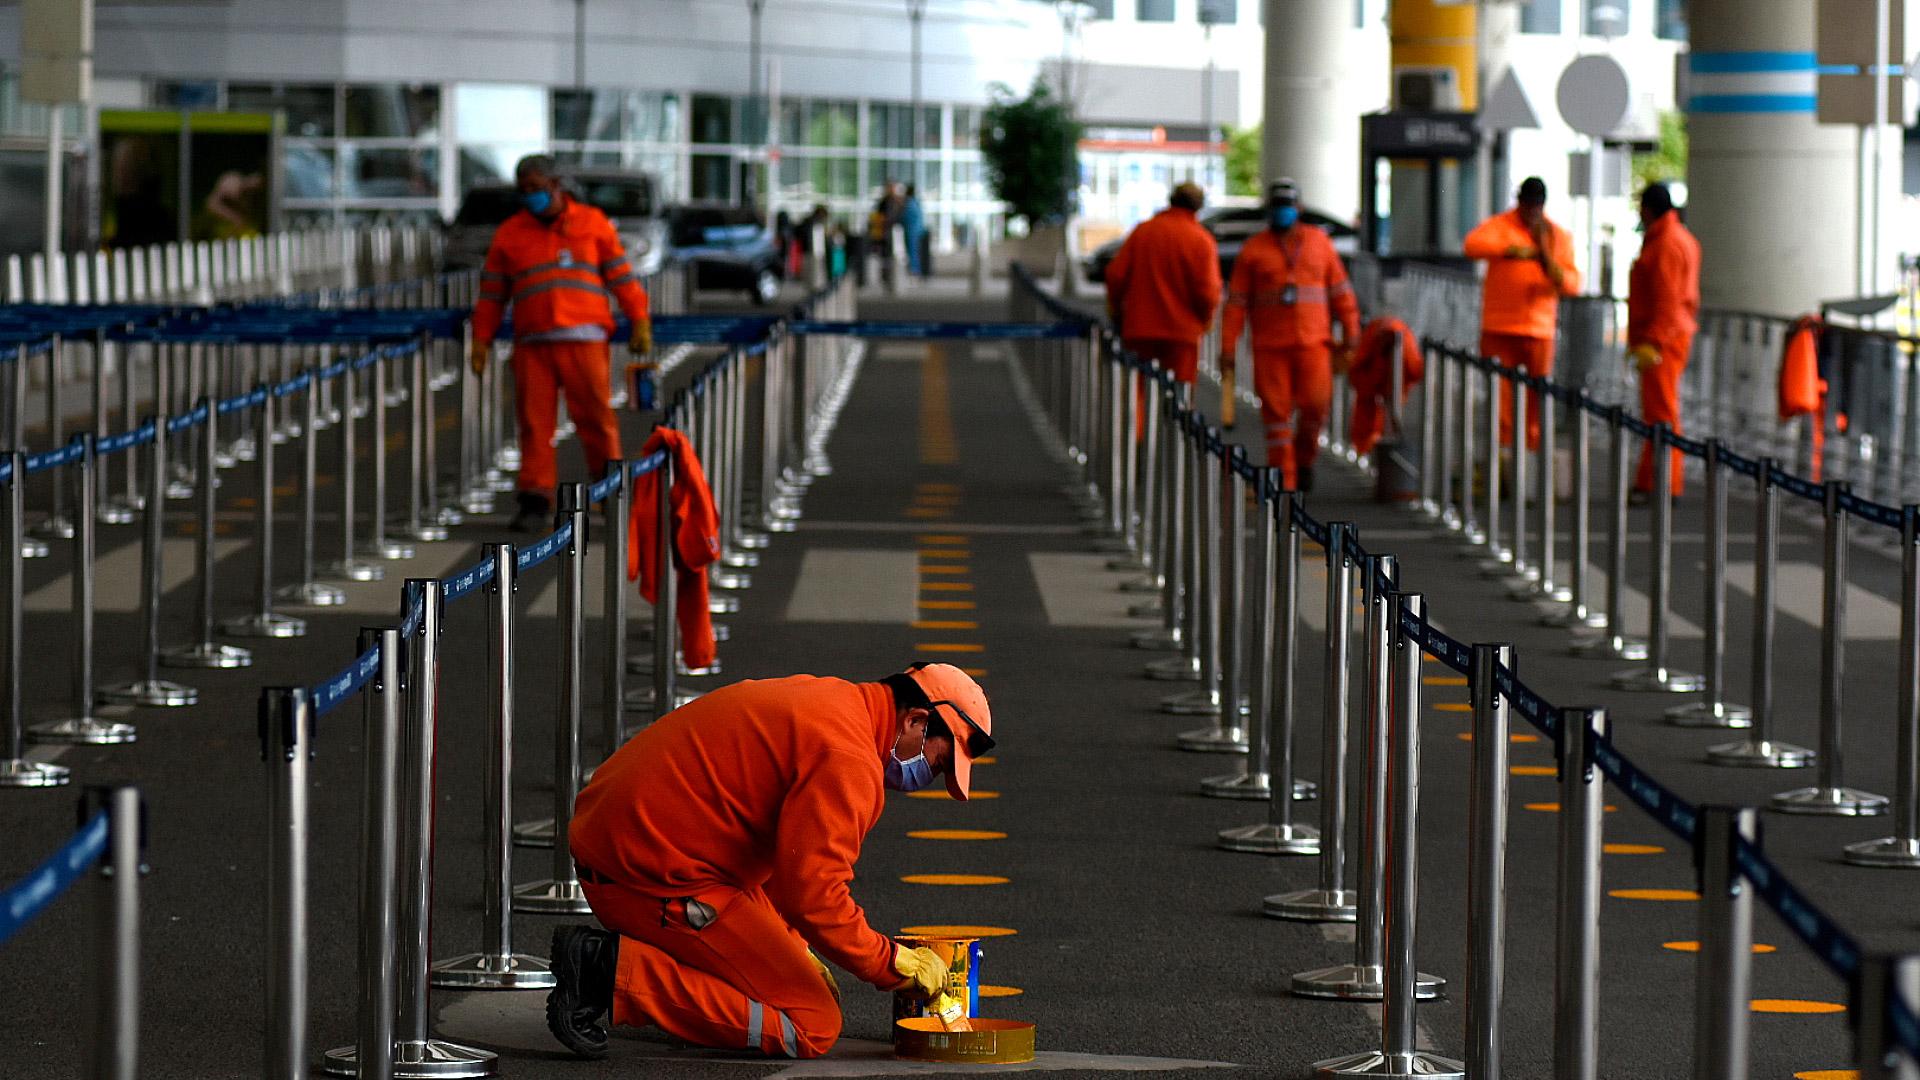 Si se completa la capacidad interior, las filas continuarán afuera, bajo el techo exterior de la terminal